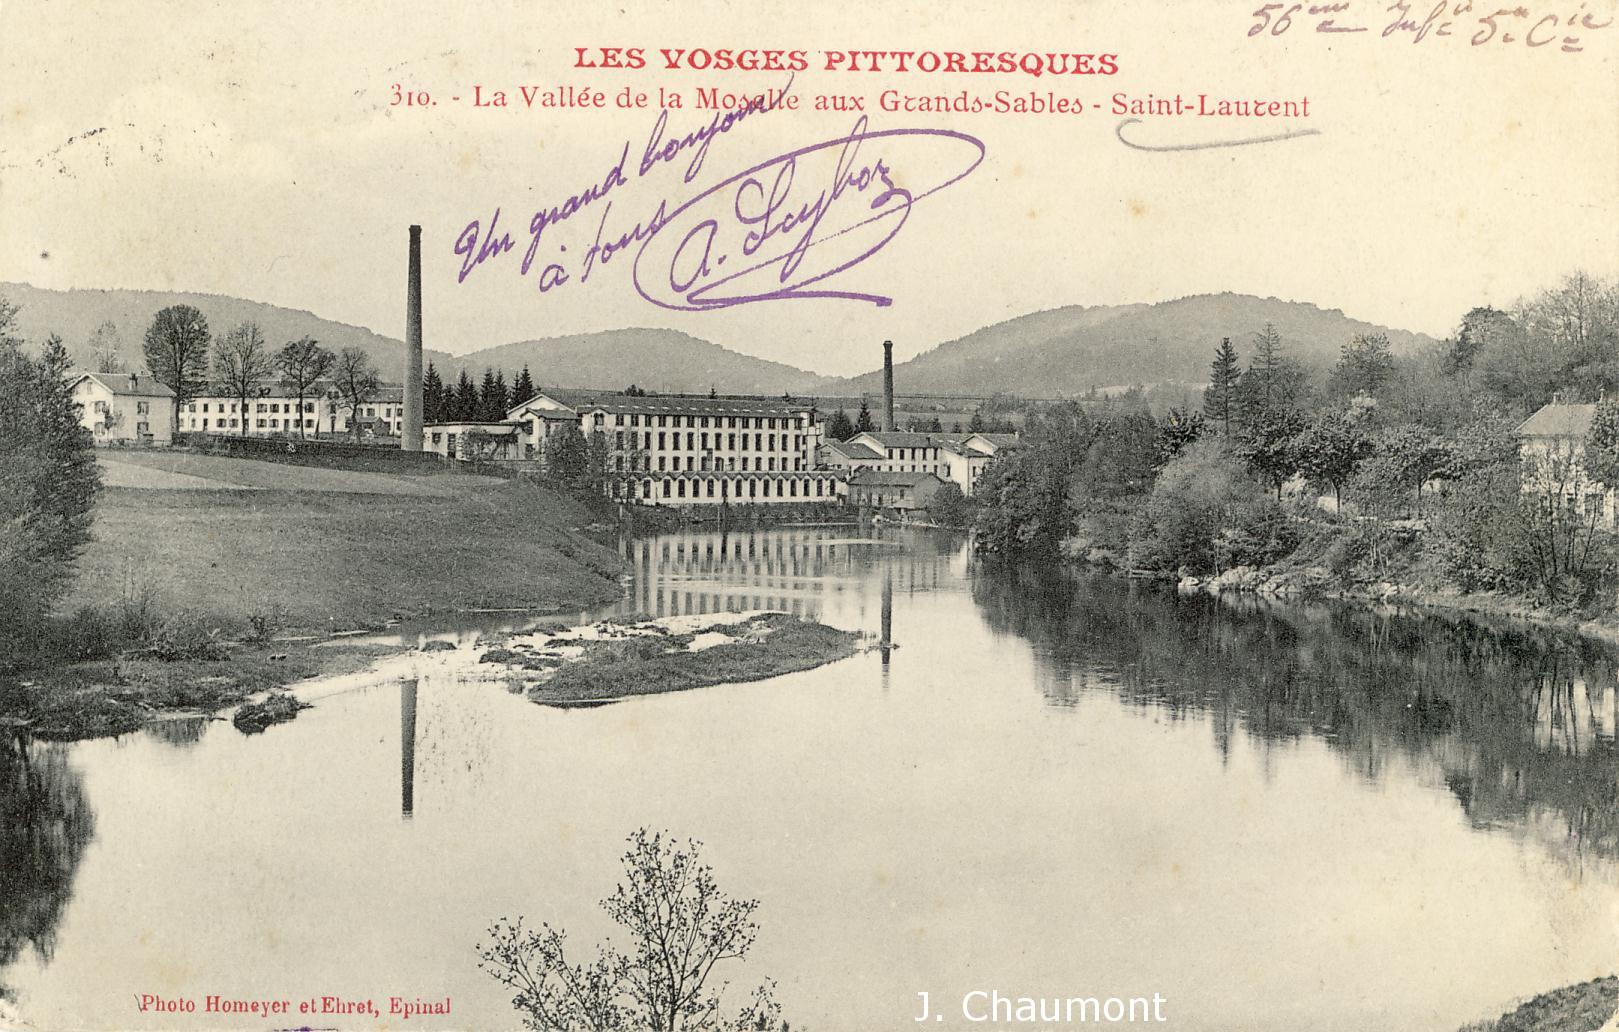 Vallée de la Moselle aux Grands-Sables